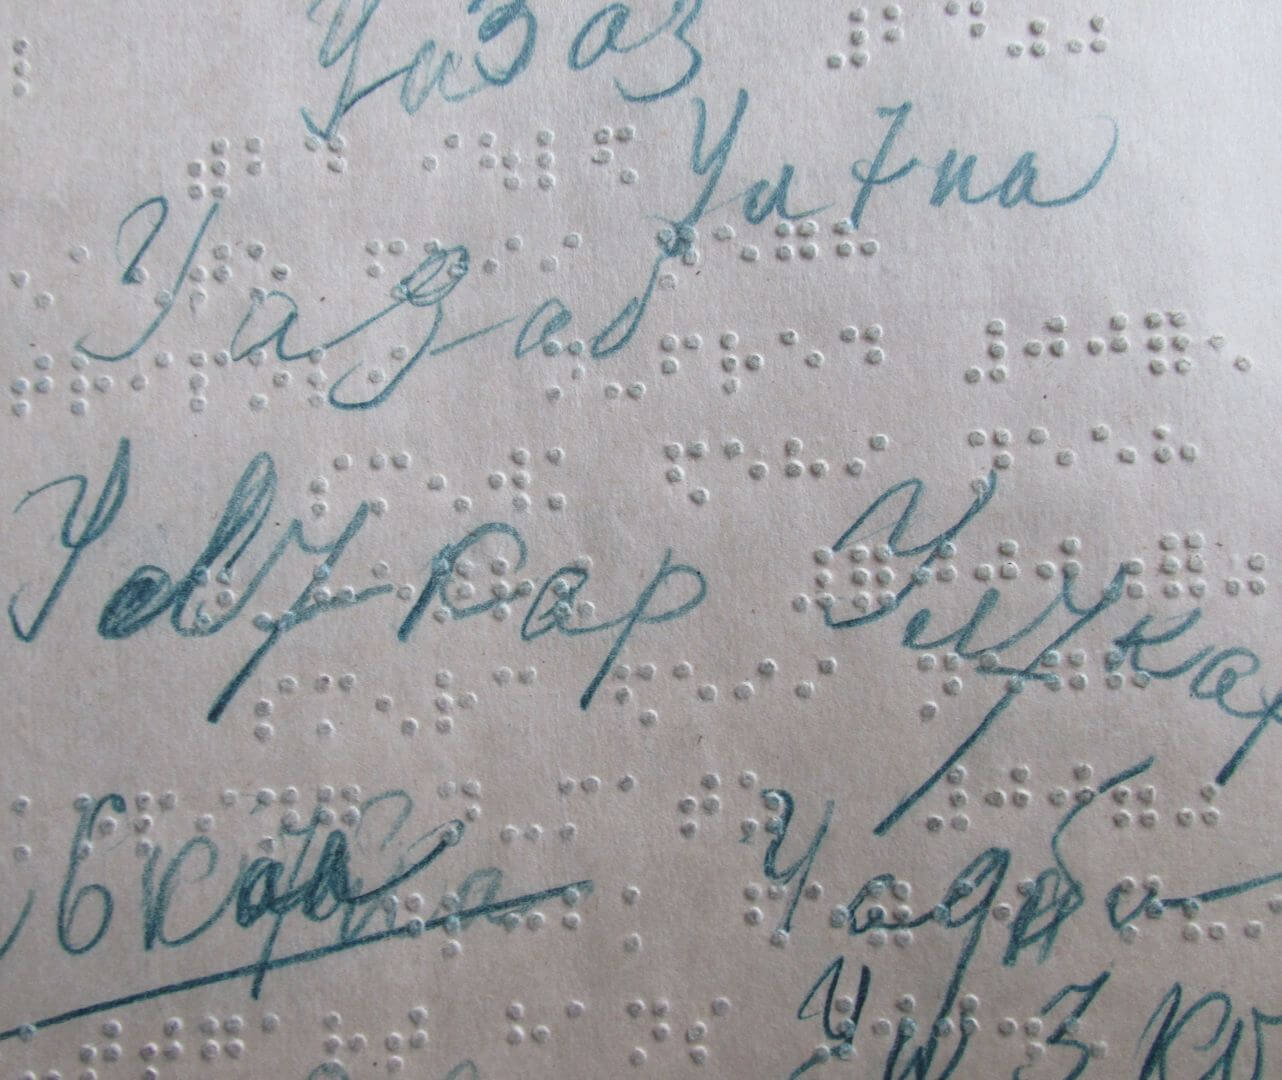 Нажмите на изображение для увеличения.  Название:UM8FZ-logbook-UM8KAB-1959.jpg Просмотров:11 Размер:160.6 Кб ID:191883